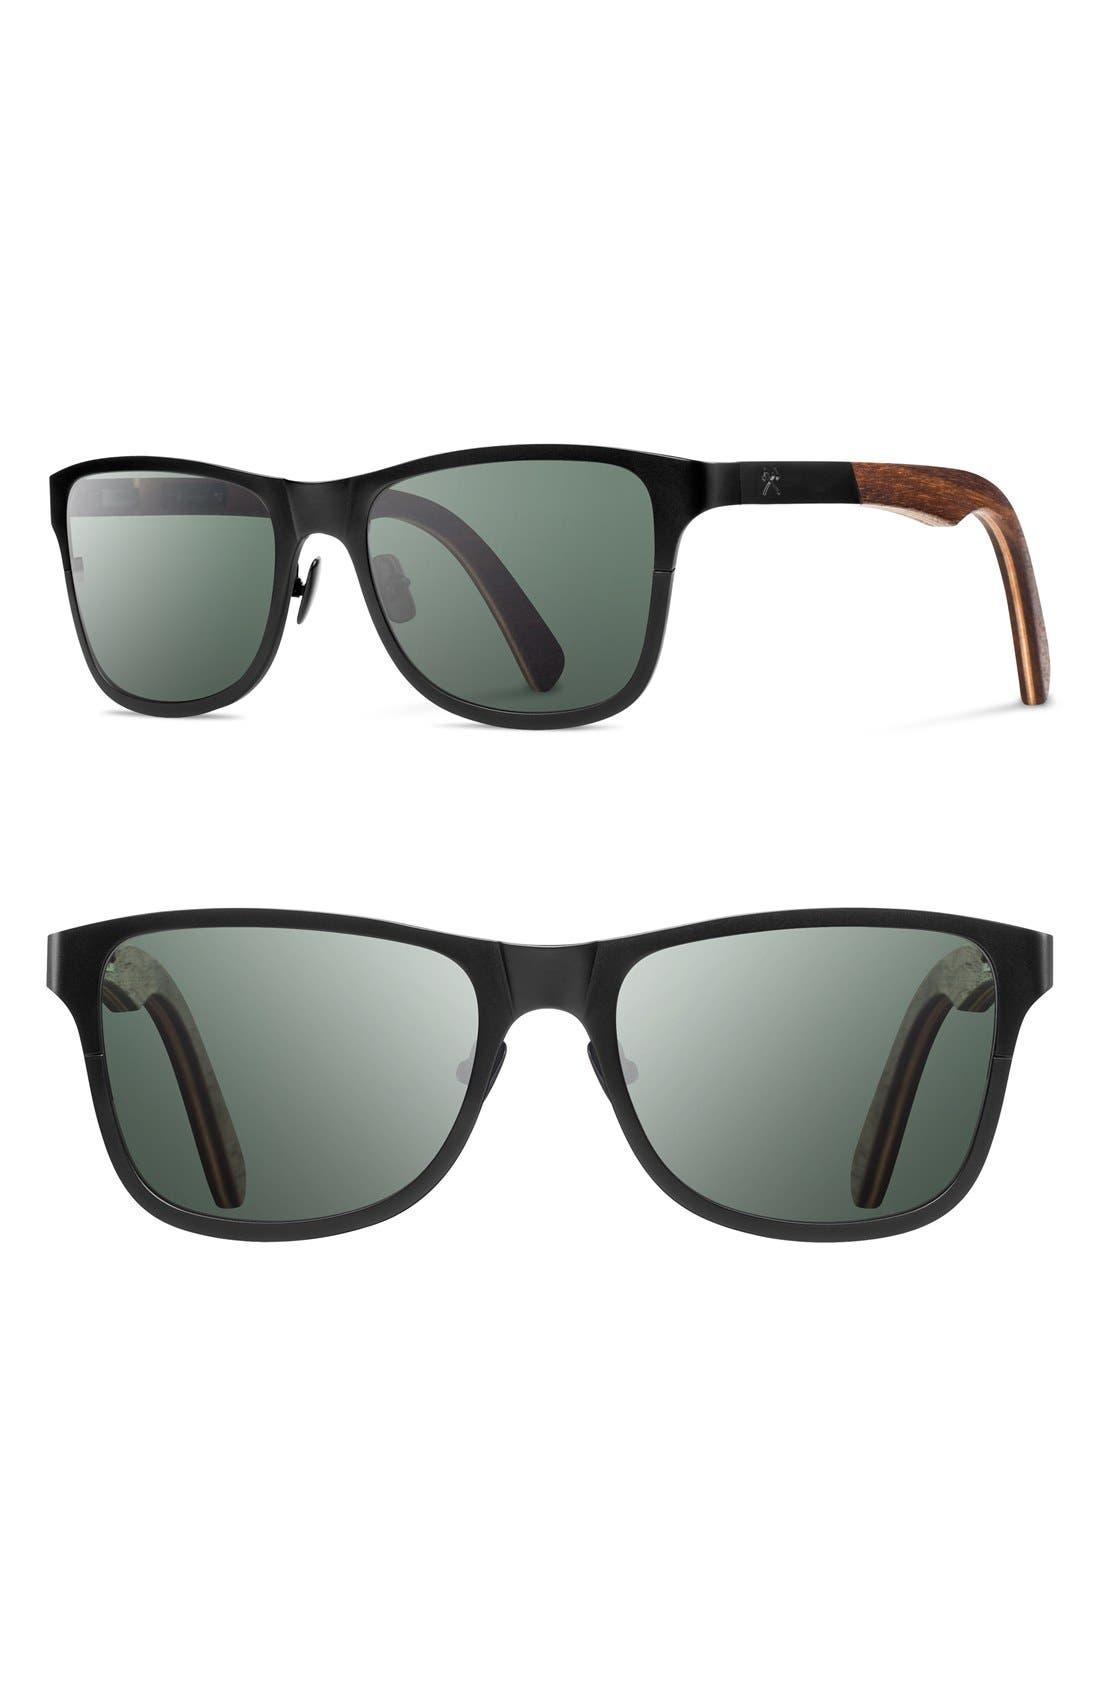 Alternate Image 1 Selected - Shwood 'Canby' 54mm Polarized Titanium & Wood Sunglasses